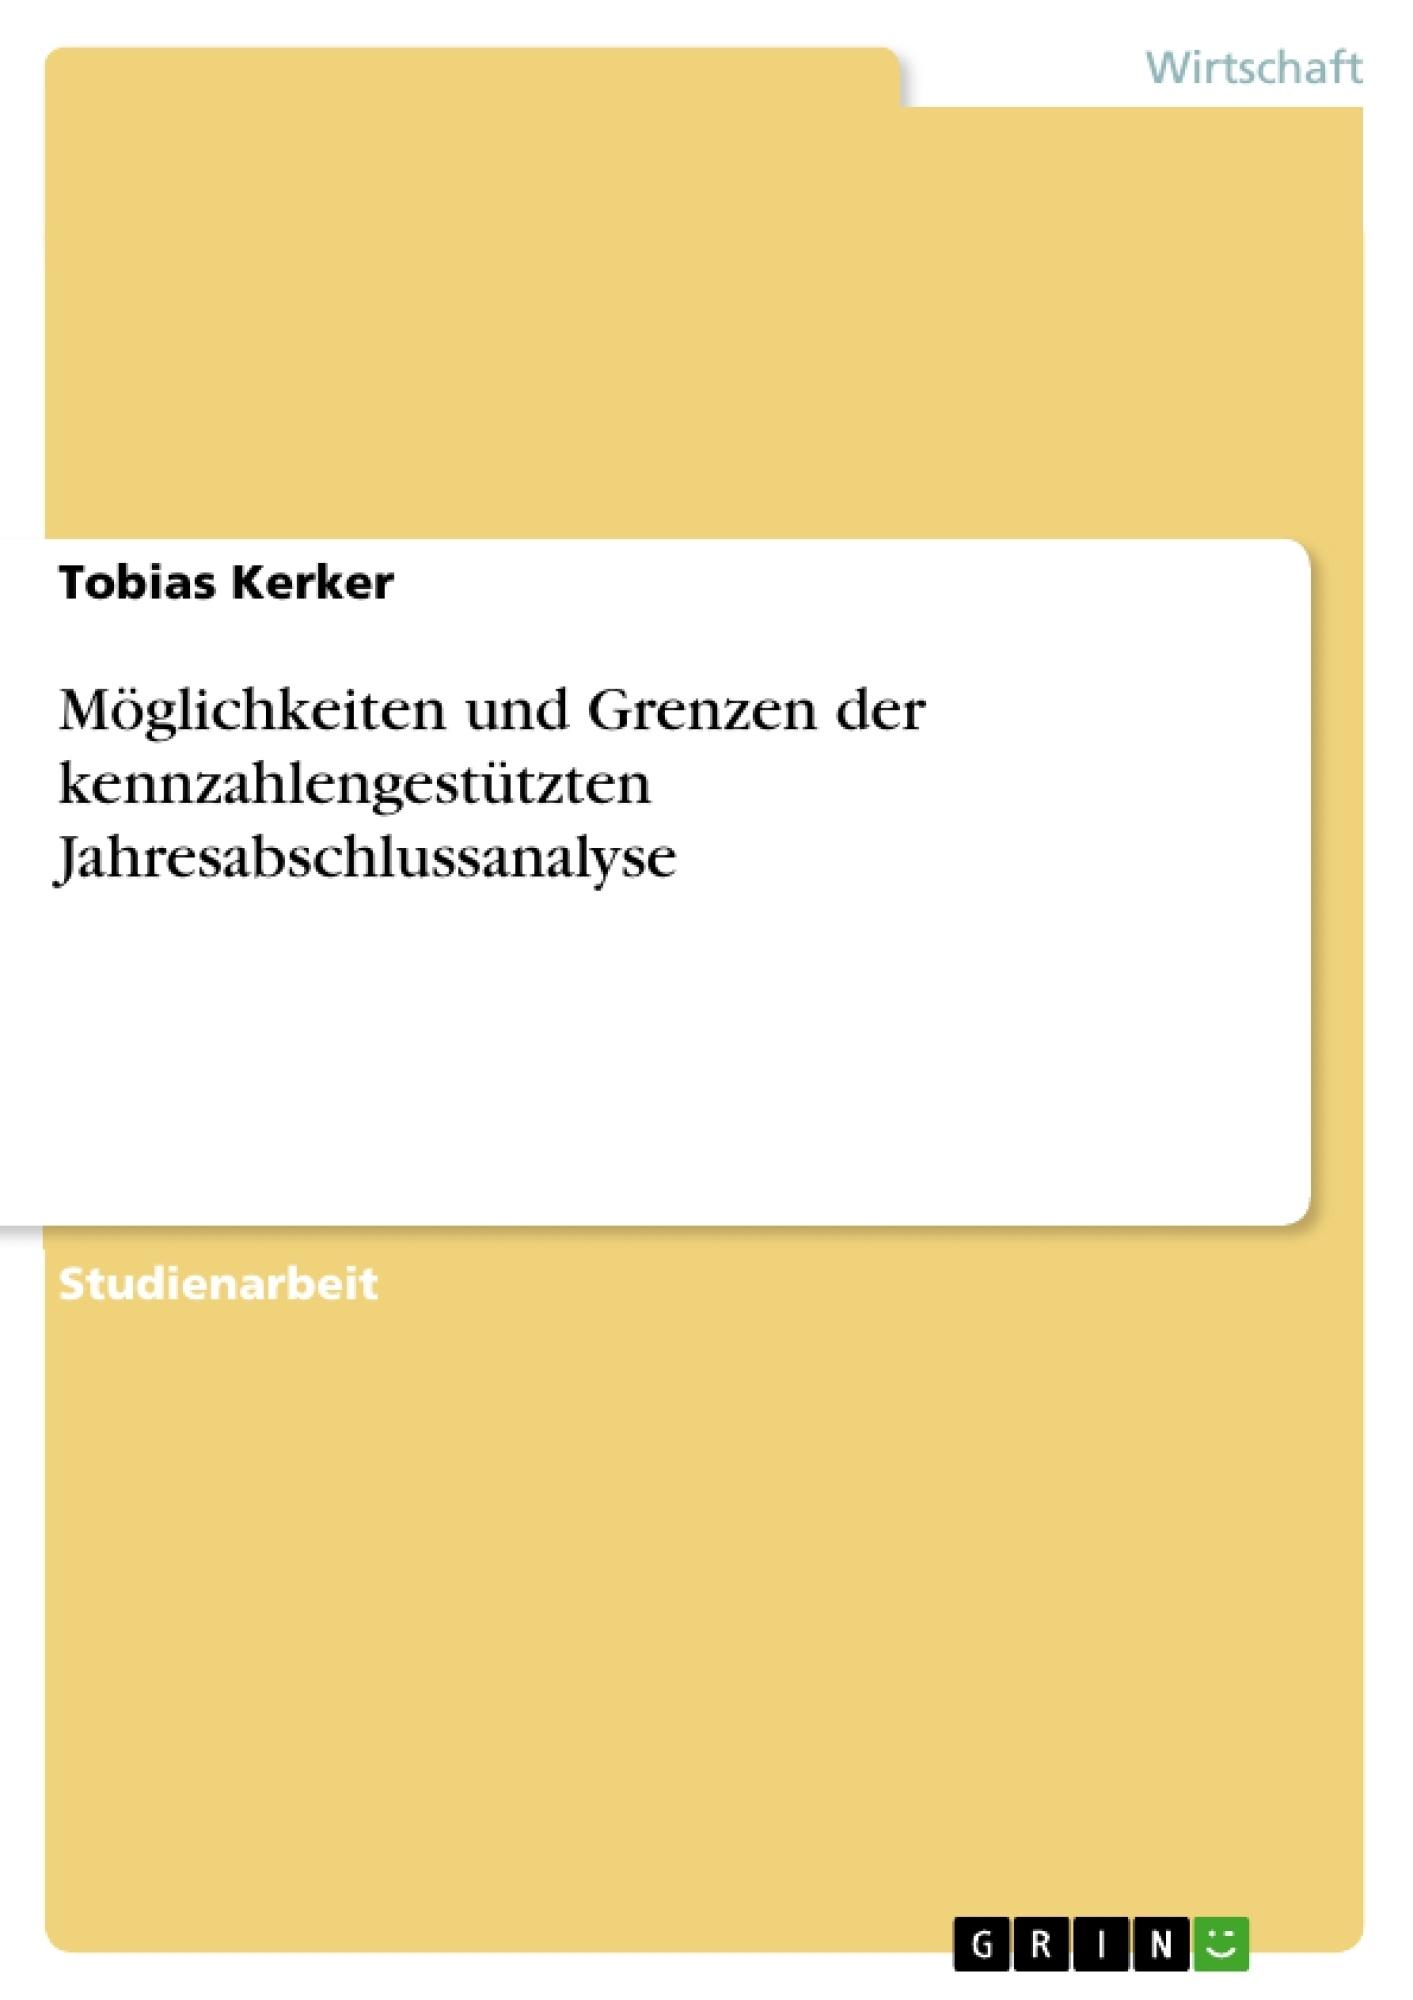 Titel: Möglichkeiten und Grenzen der kennzahlengestützten Jahresabschlussanalyse